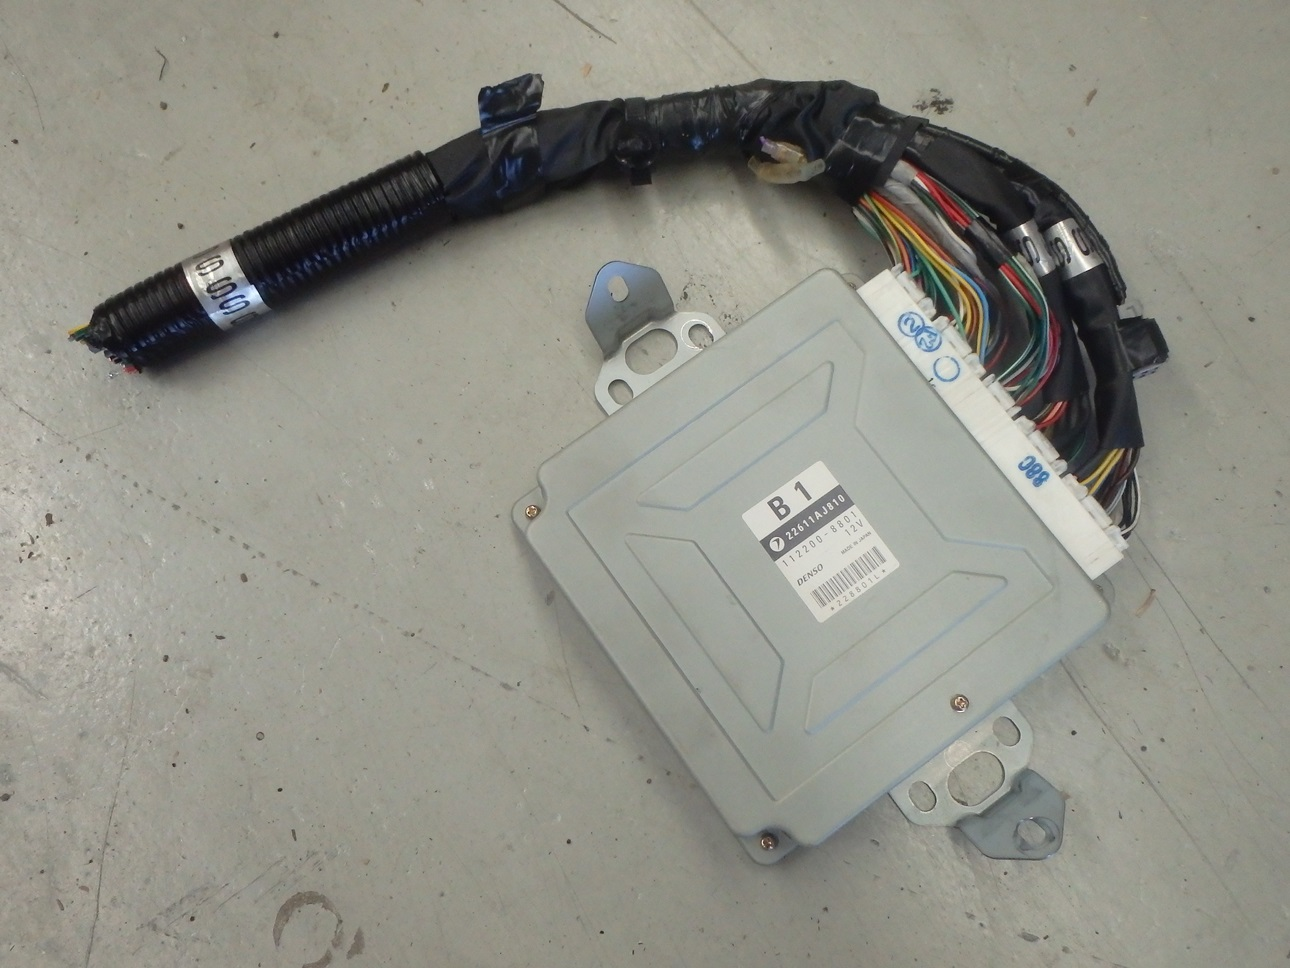 Details about Subaru Impreza WRX GDB STi 2005 EJ207 Engine ECU Computer B1  22611AJ810